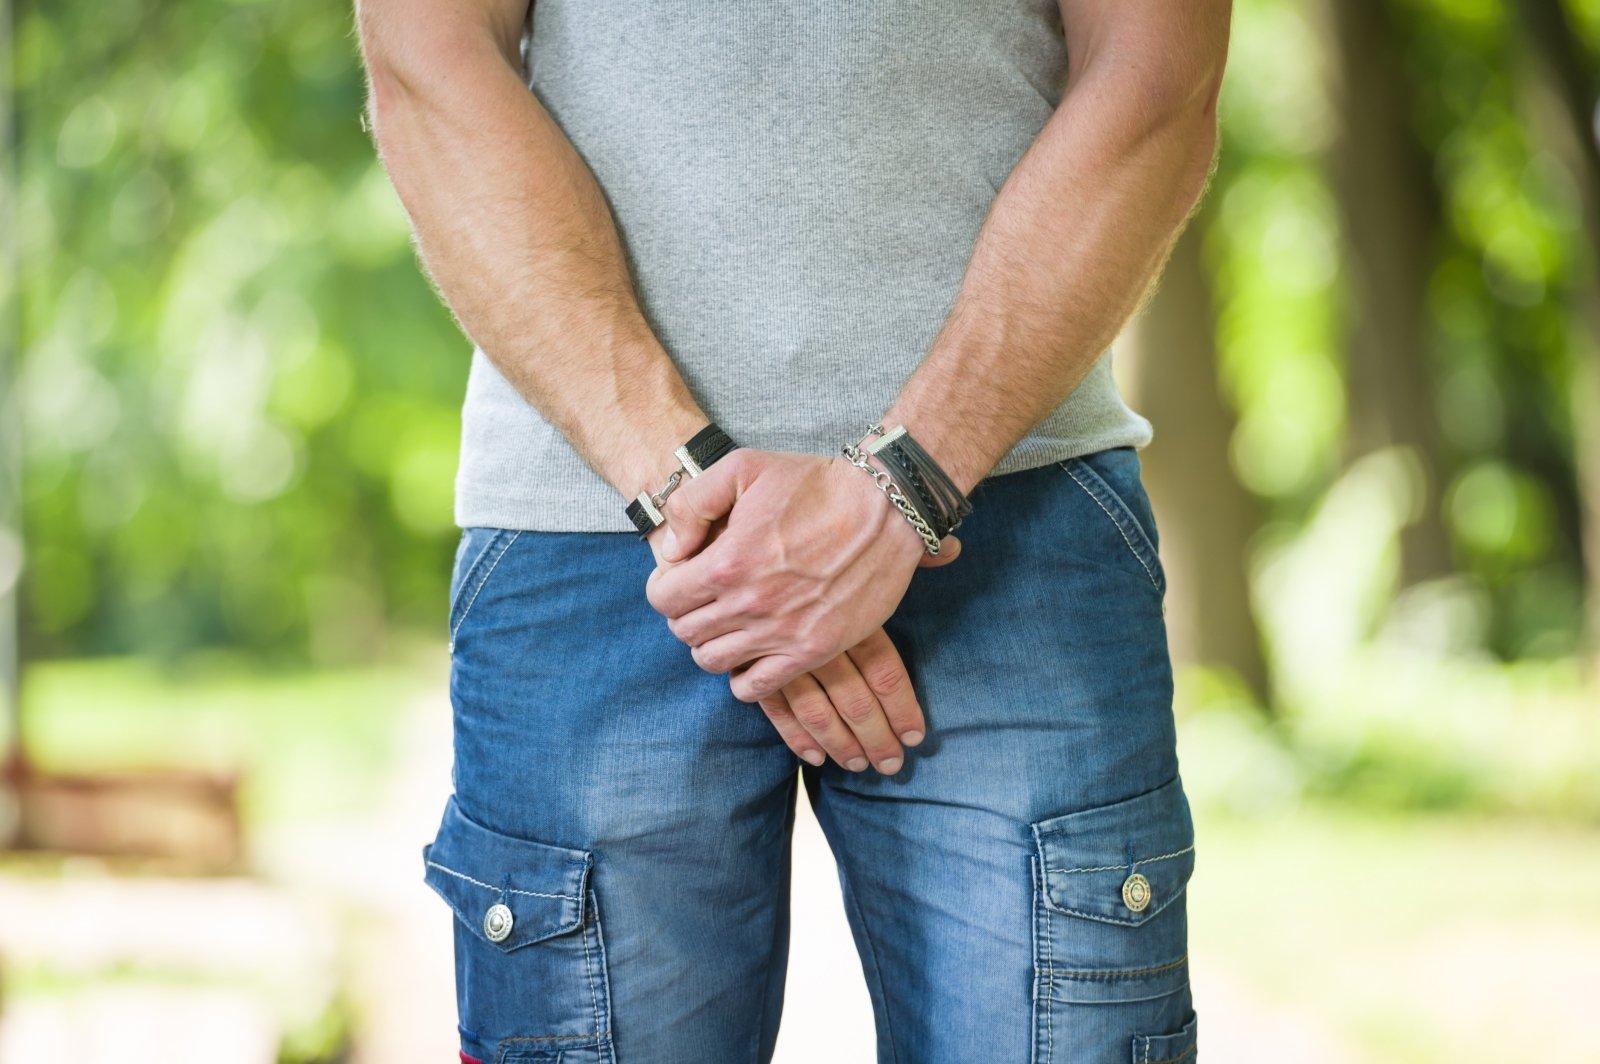 kodėl kyla problemų dėl vyrų erekcijos kas vyksta seksualinio nario dydzio